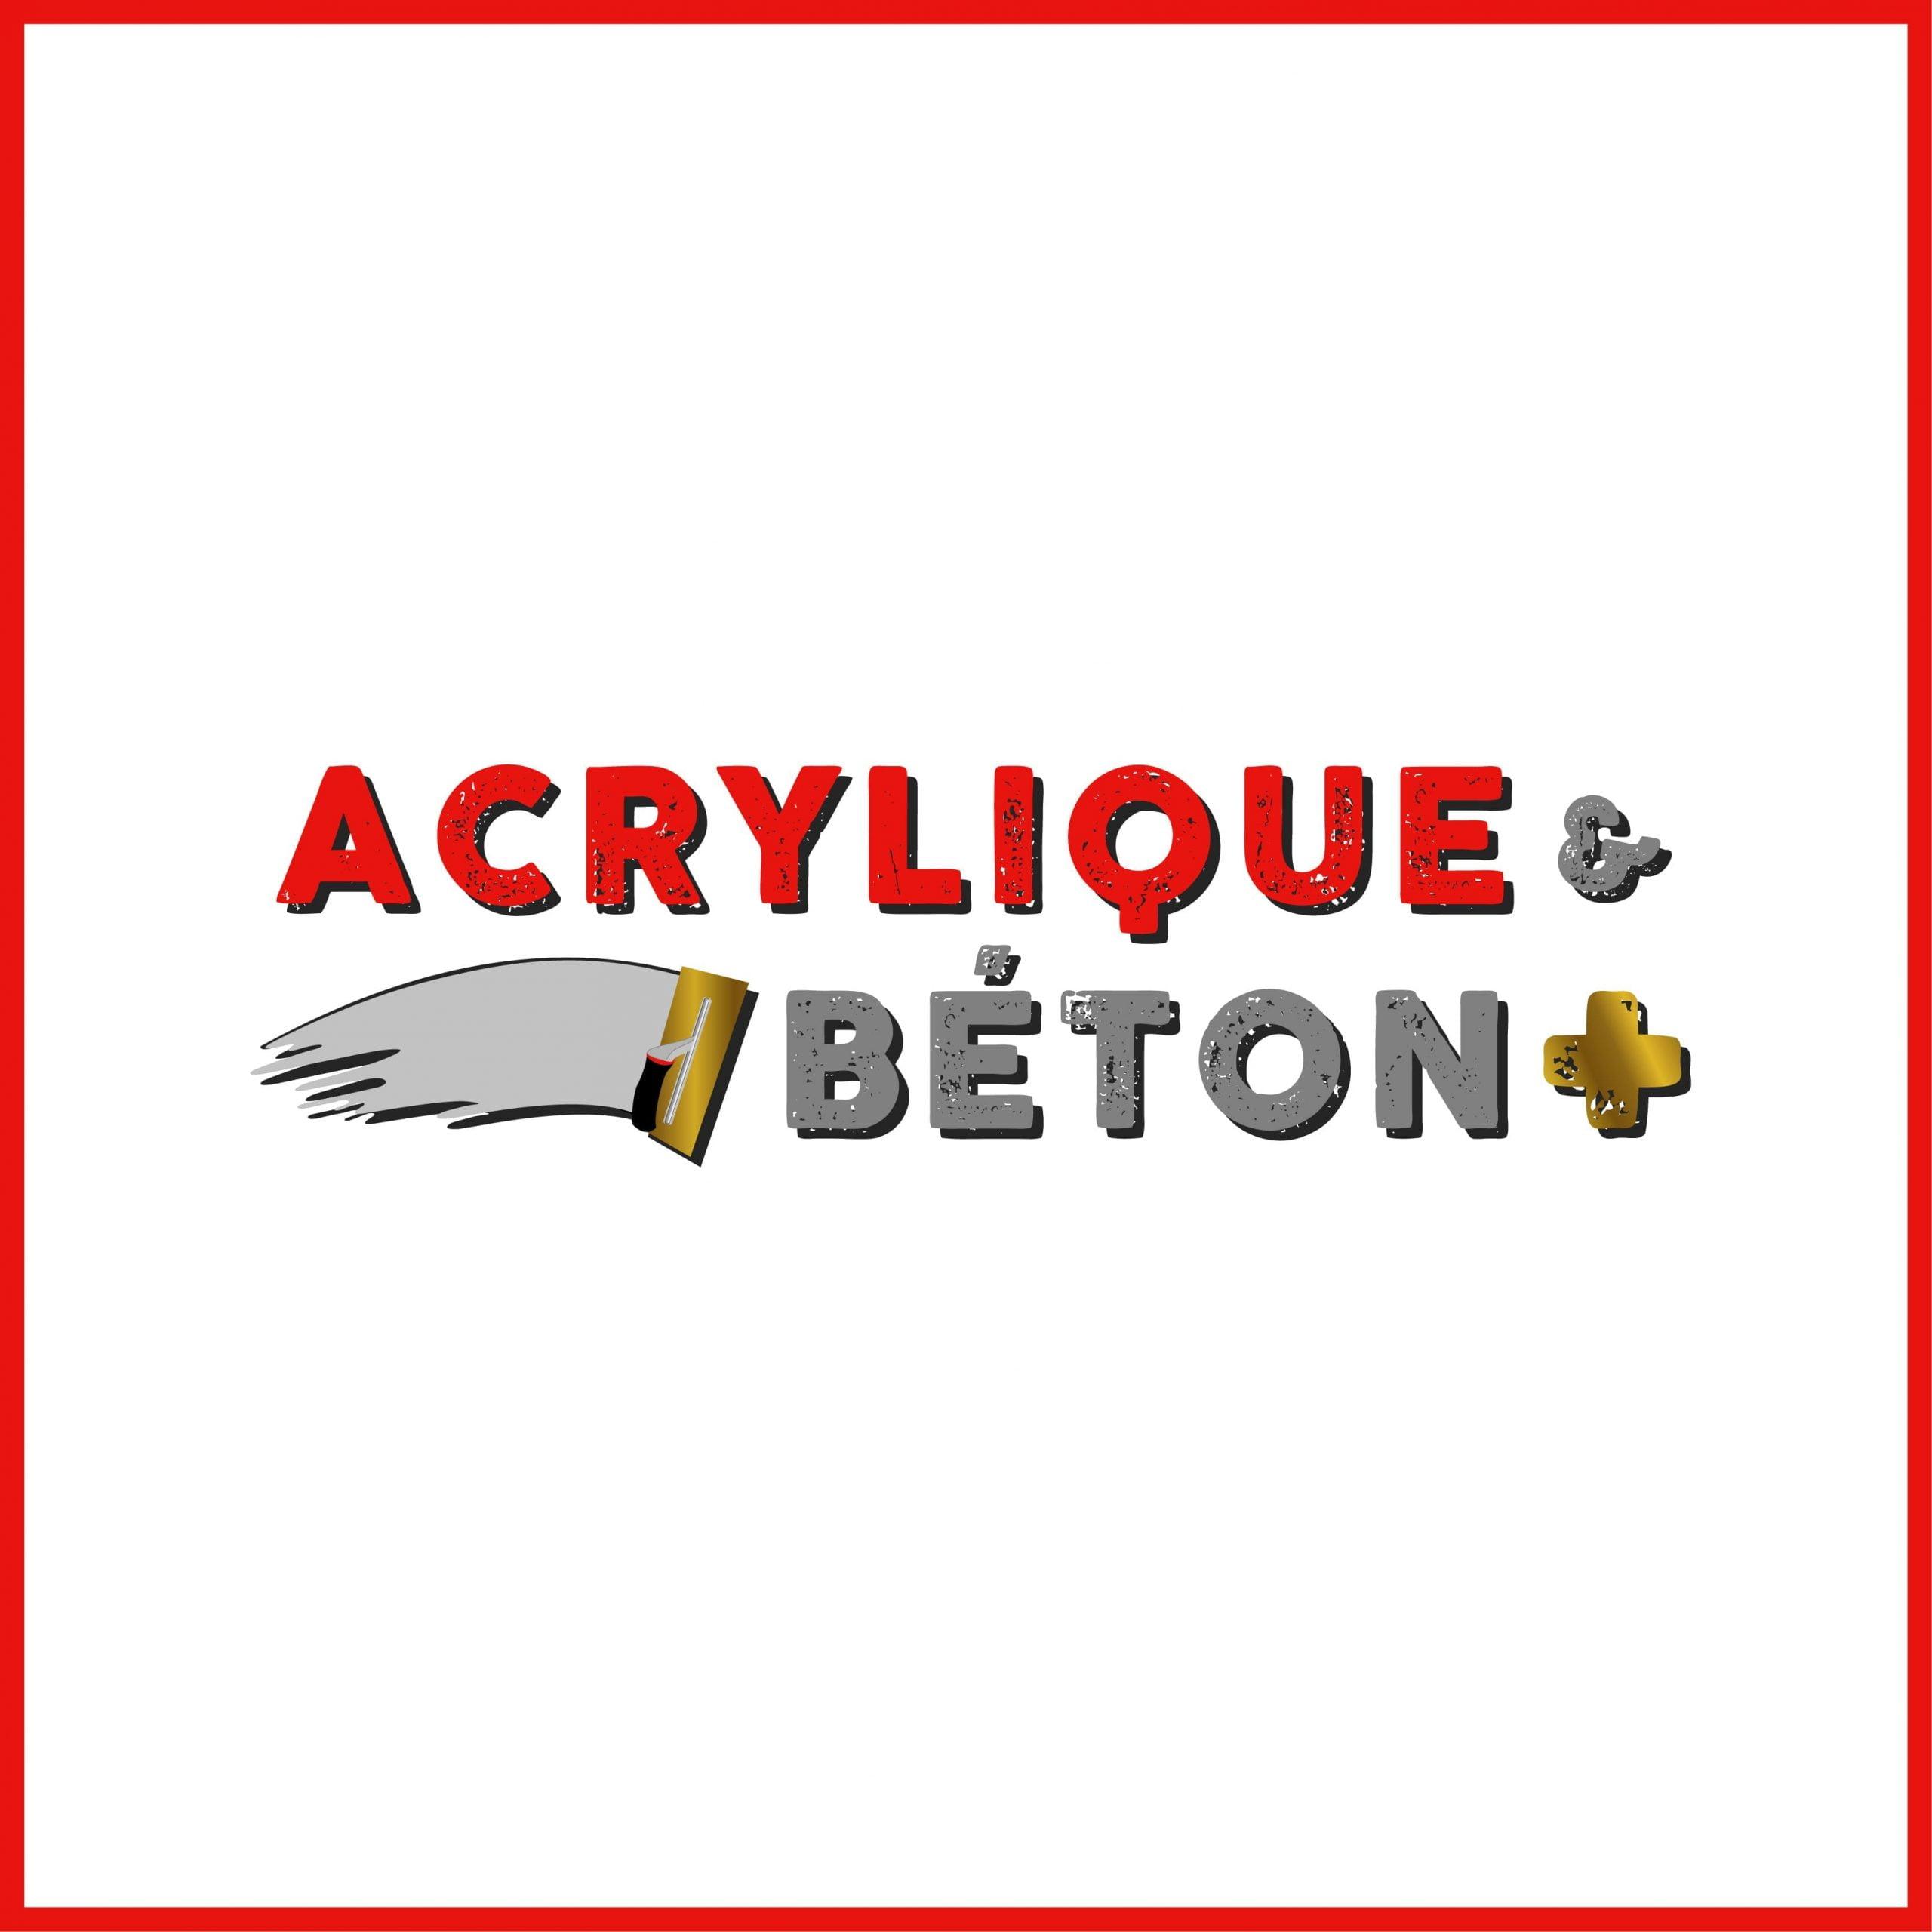 Acrylique et Béton plus - Modernisation de logo